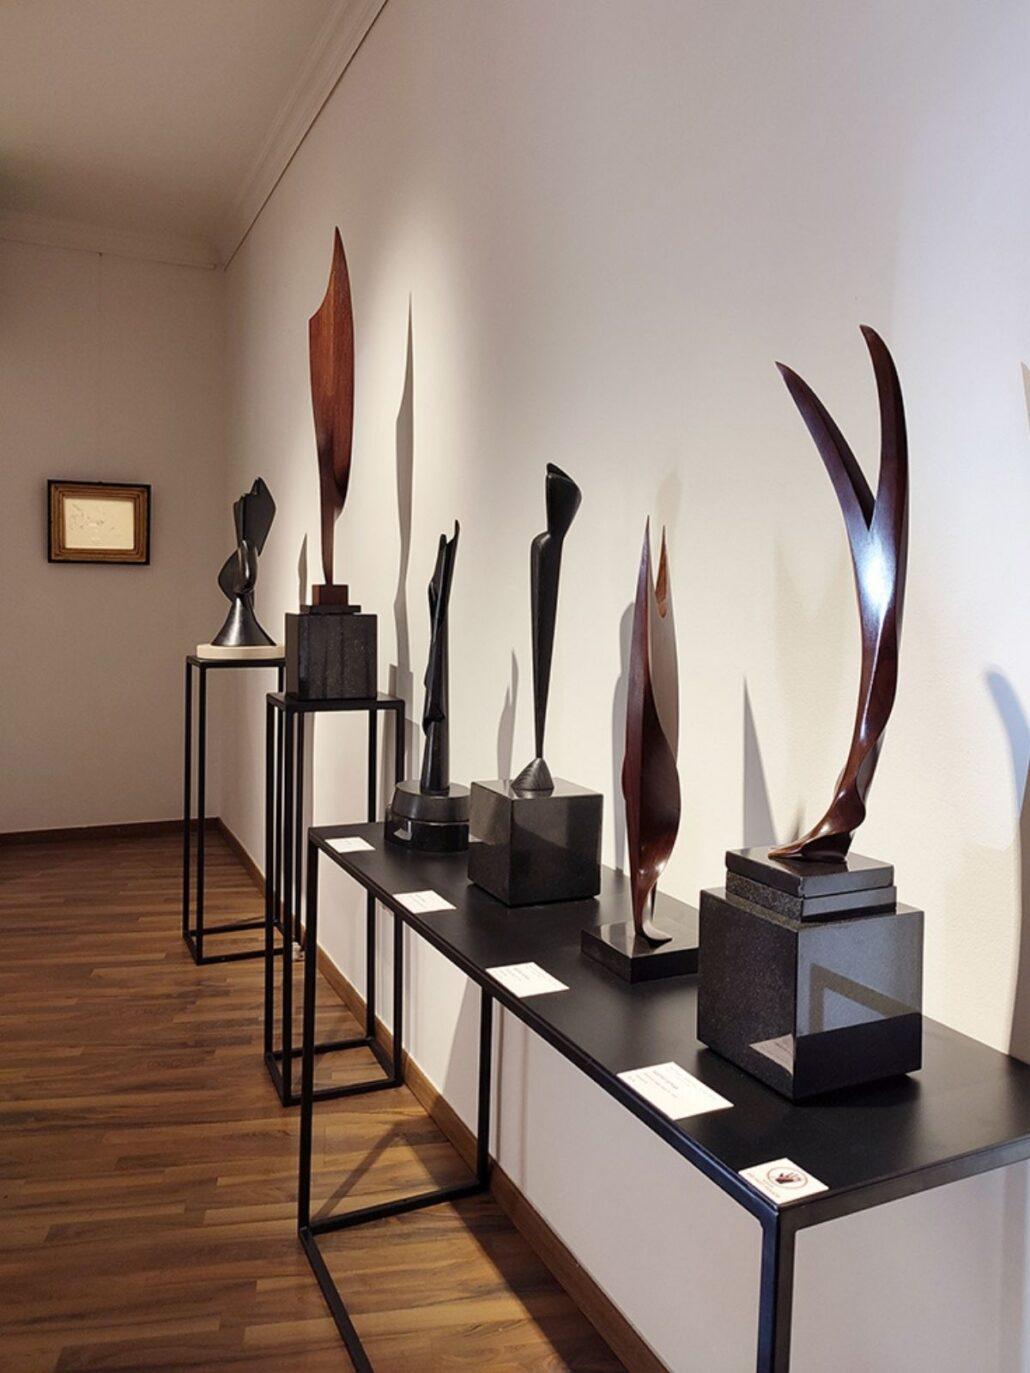 szoborkiallitas 3 Szoborkiállítás: A nagysikerű Magyar-Párizs kiállítás sorozat keretén belül jelenleg a szobrászművészek alkotásait mutatjuk be.